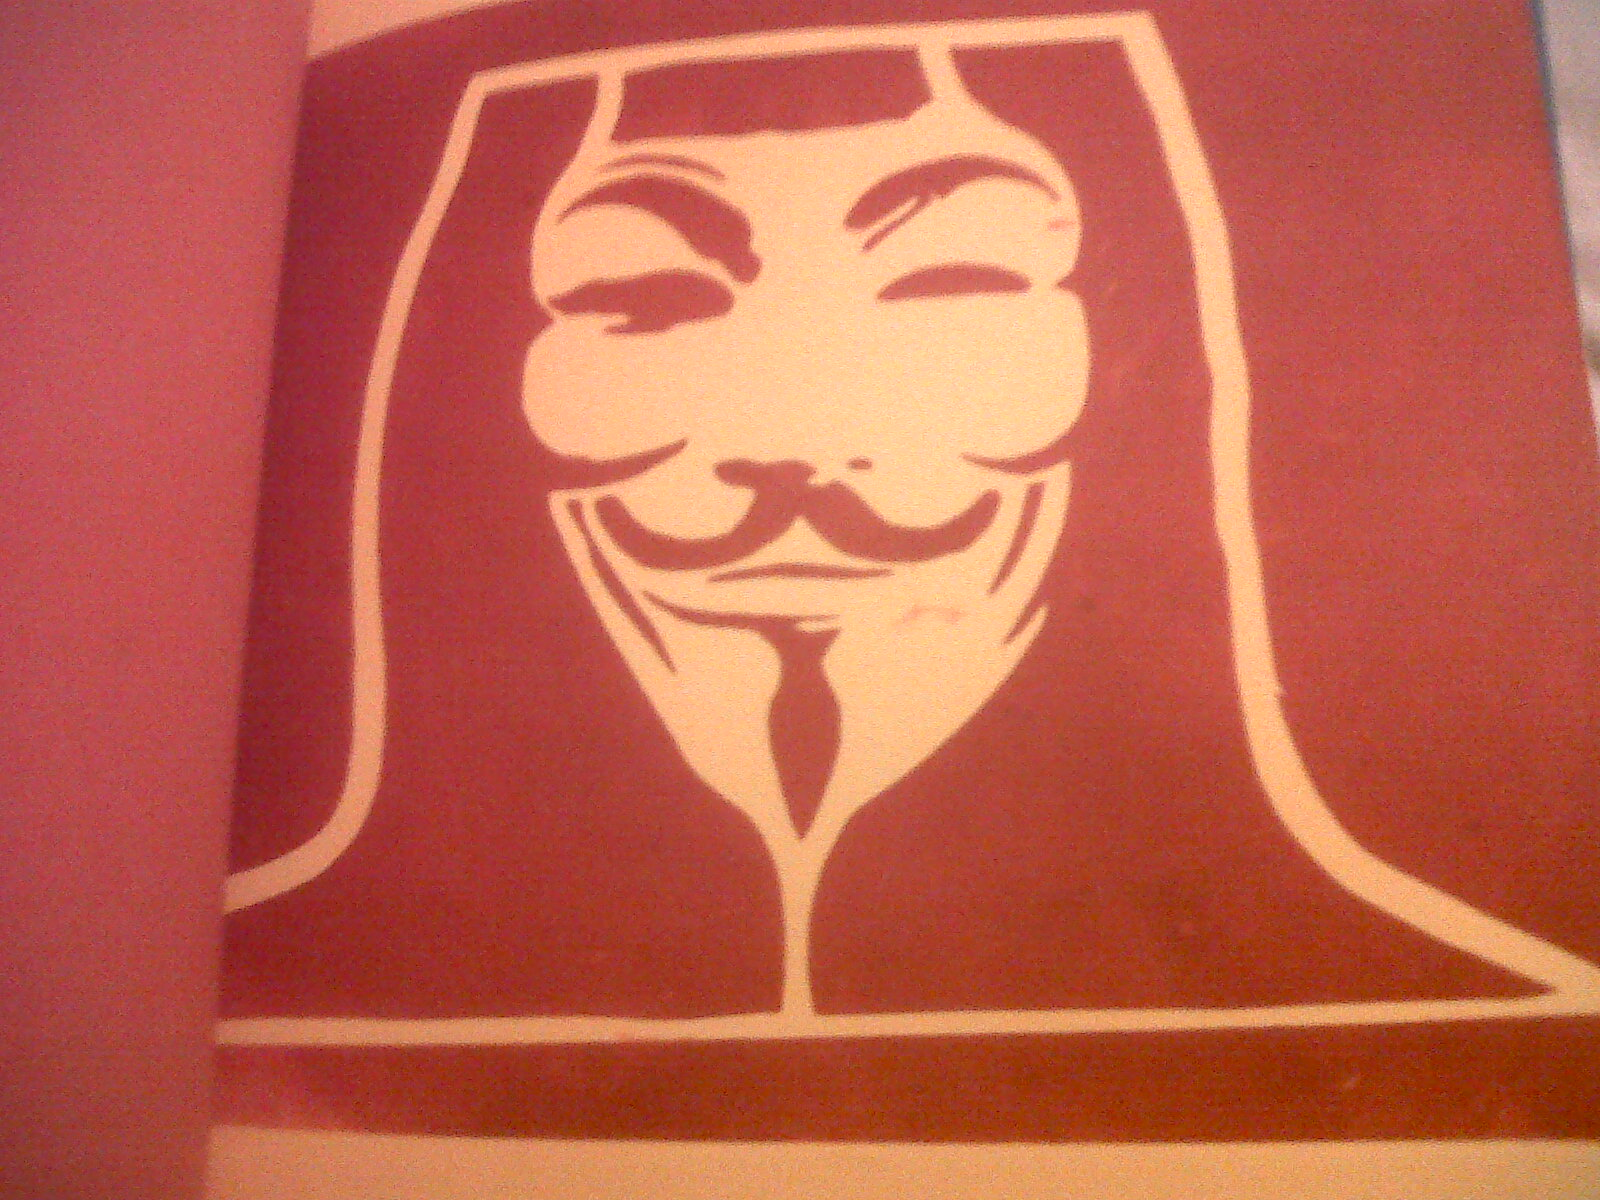 http://3.bp.blogspot.com/-2UA-fLz-BQ8/Tzv1a16Fe8I/AAAAAAAAAQI/GLXIZBWWTXg/s1600/IMG-20120215-00133.jpg